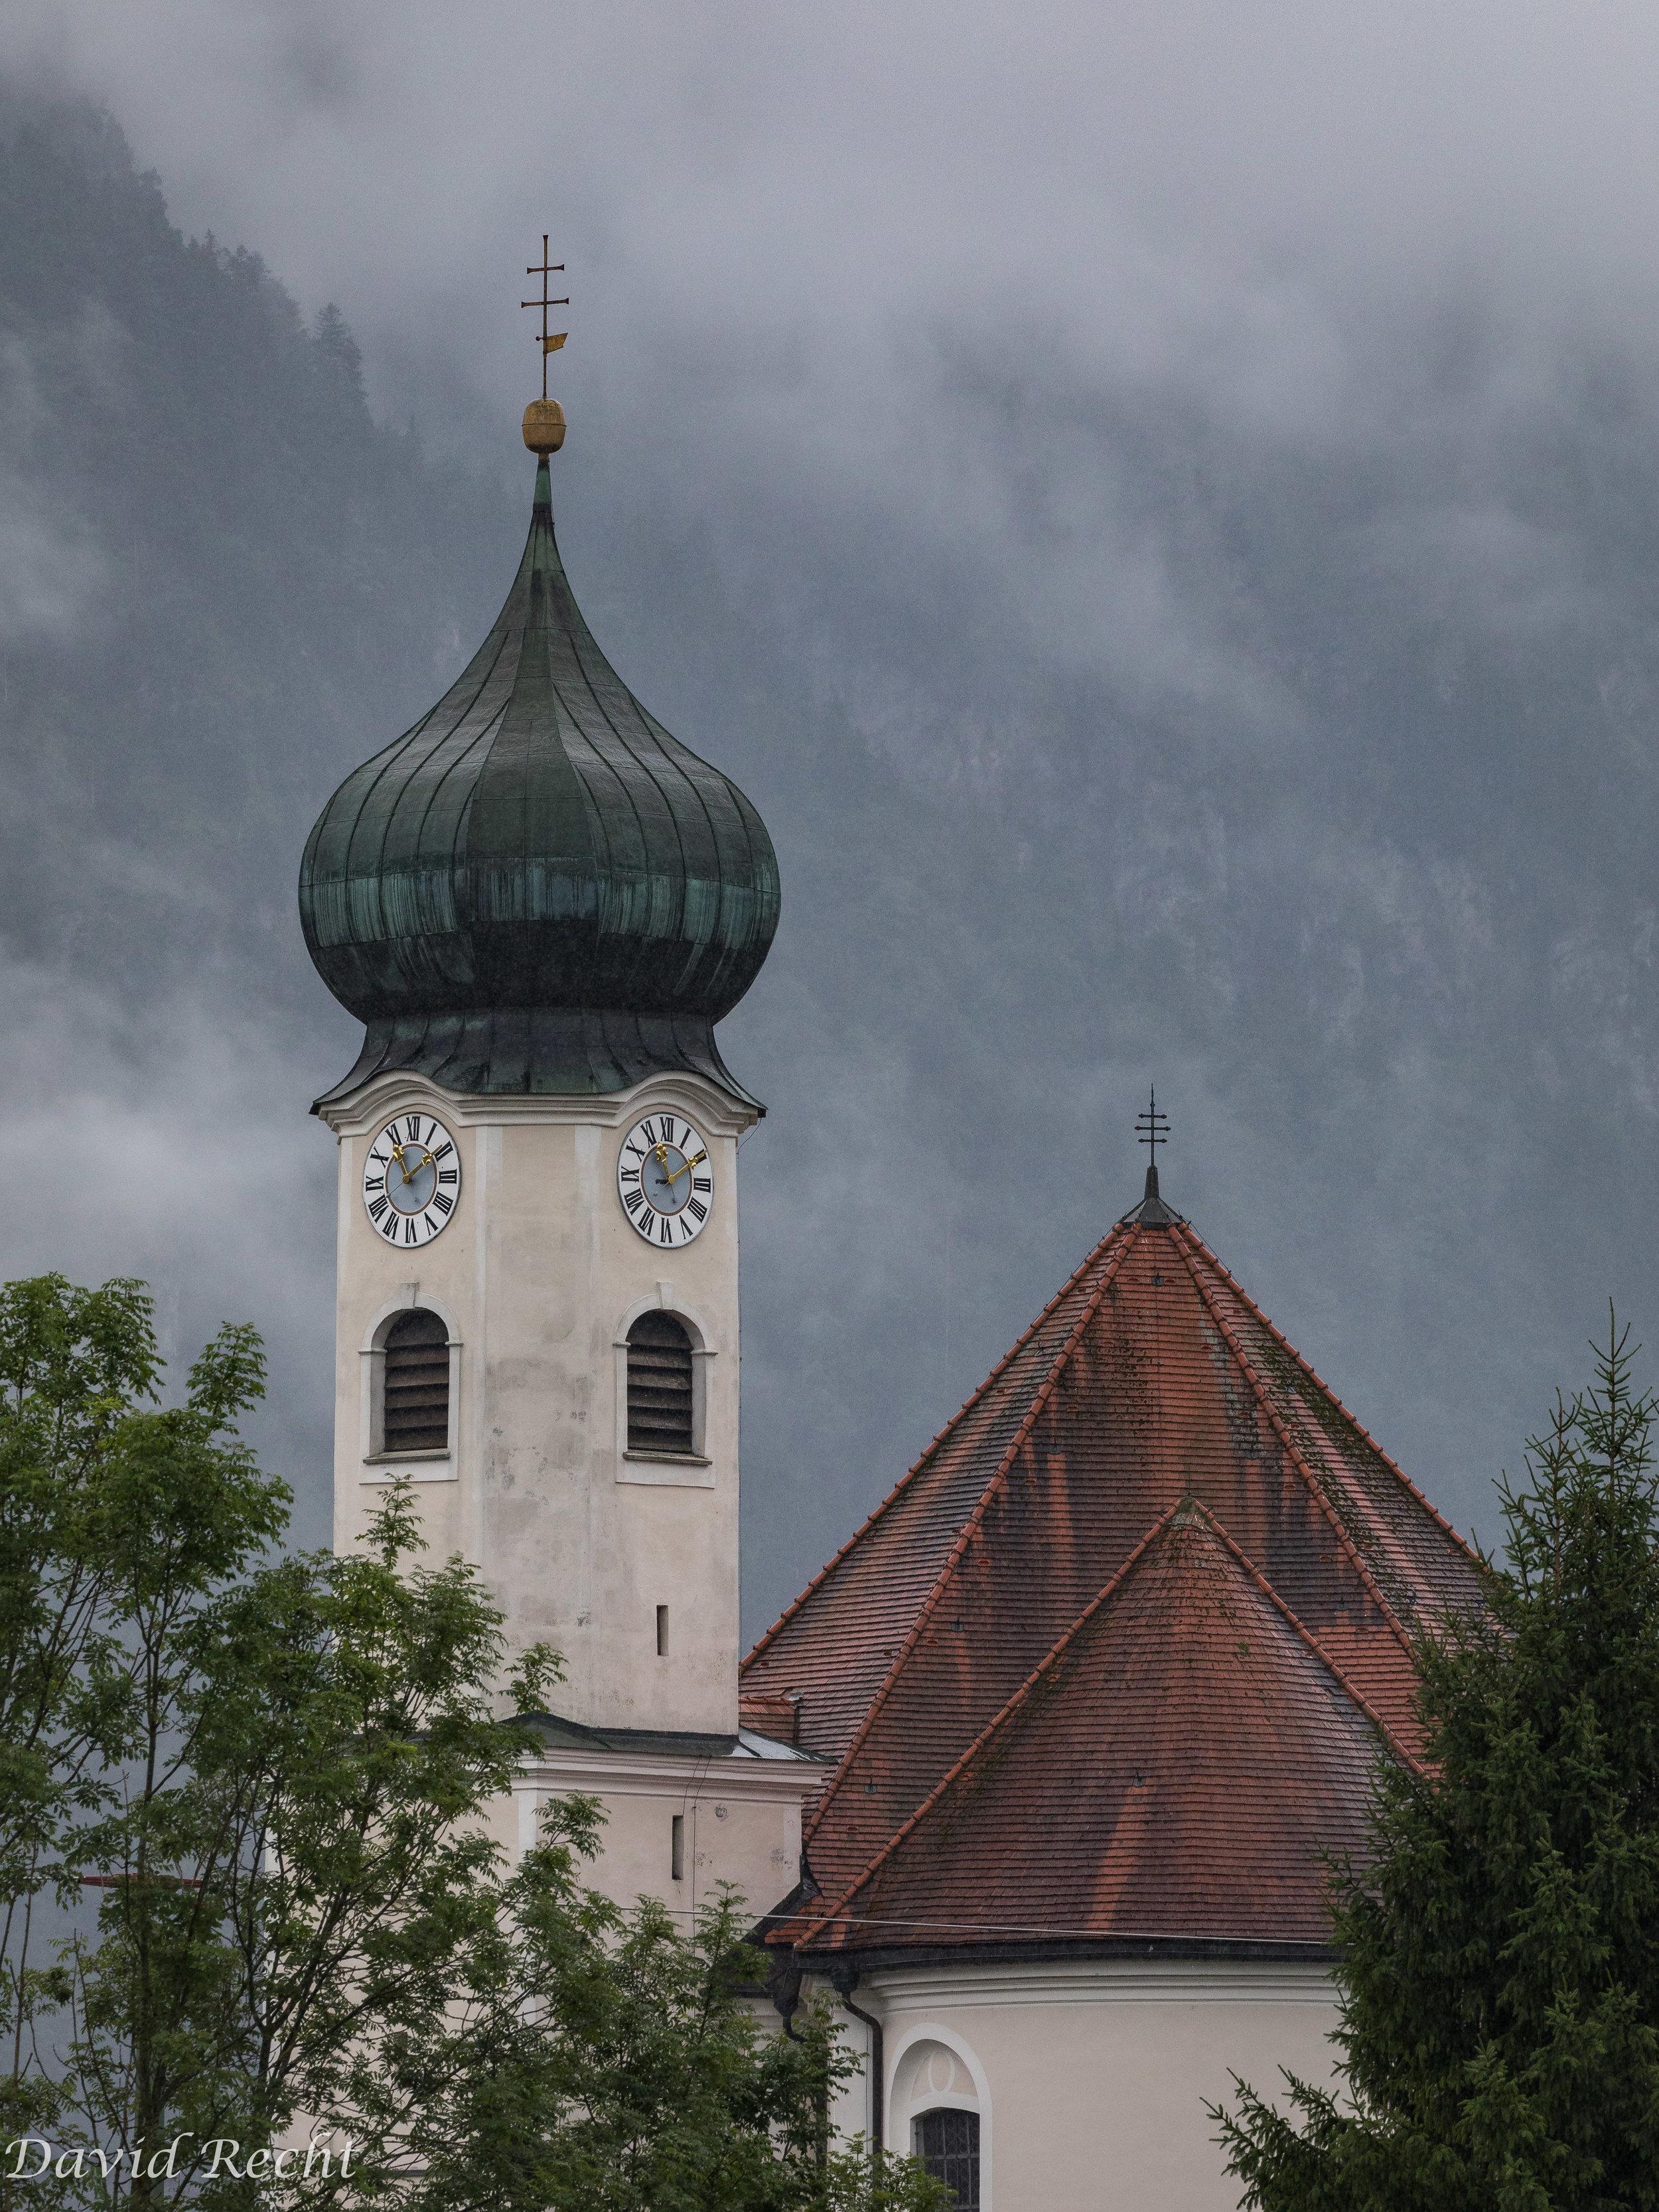 Bavarian Mist